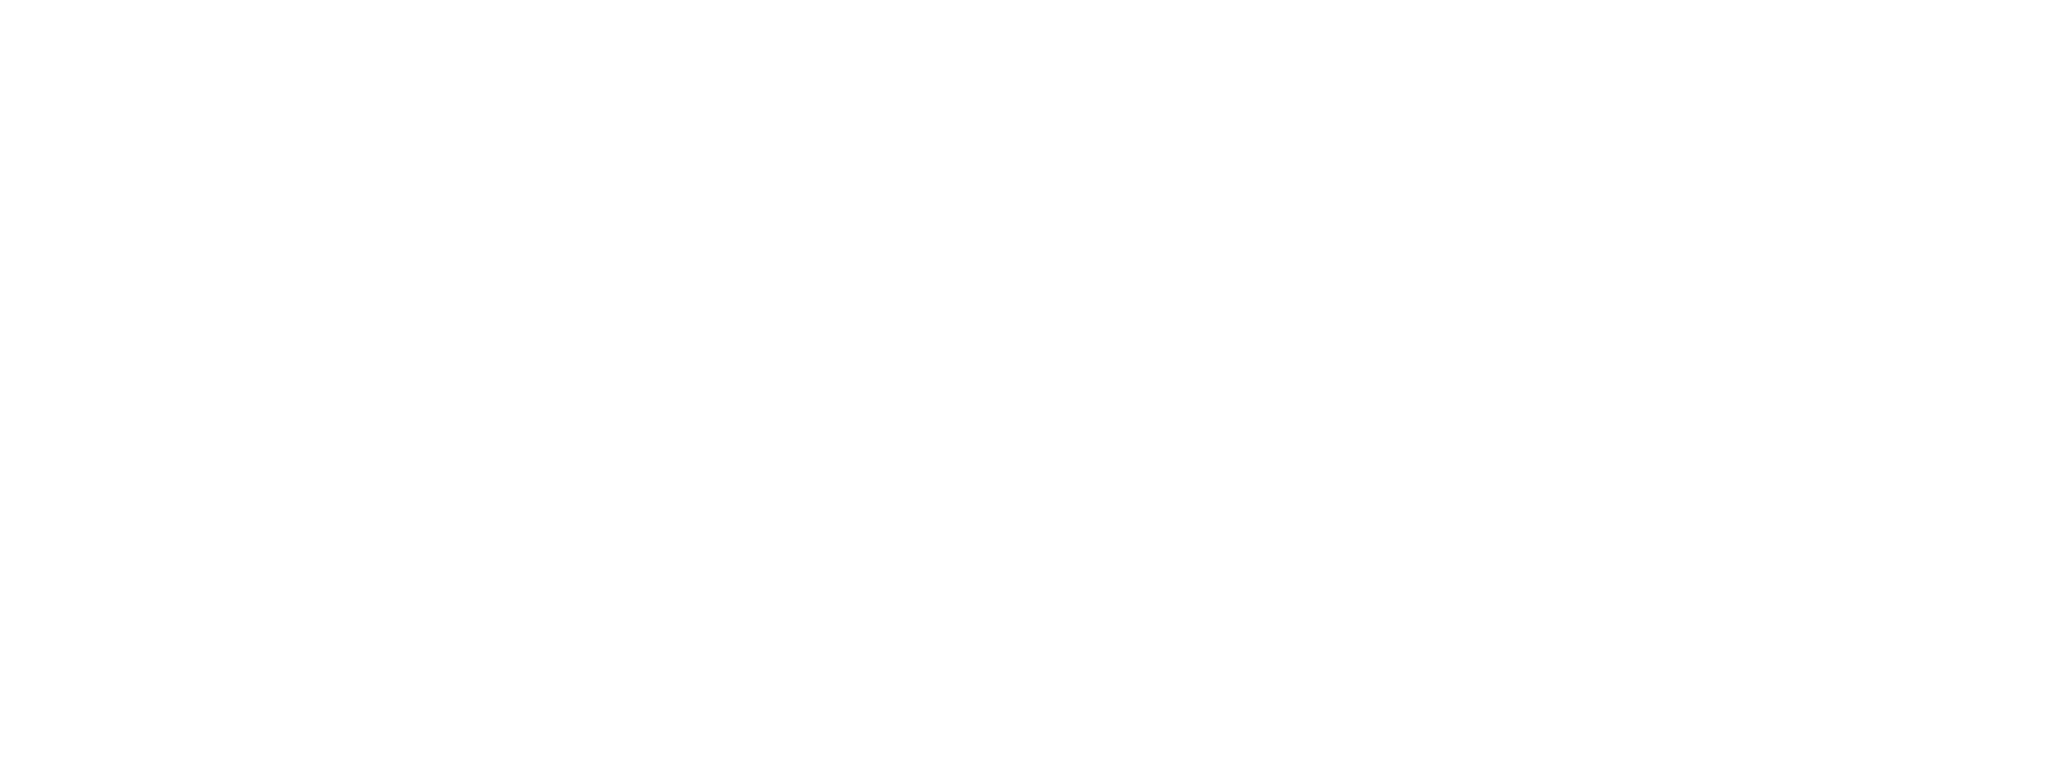 WOO-Logo-2048-White-Trans.png